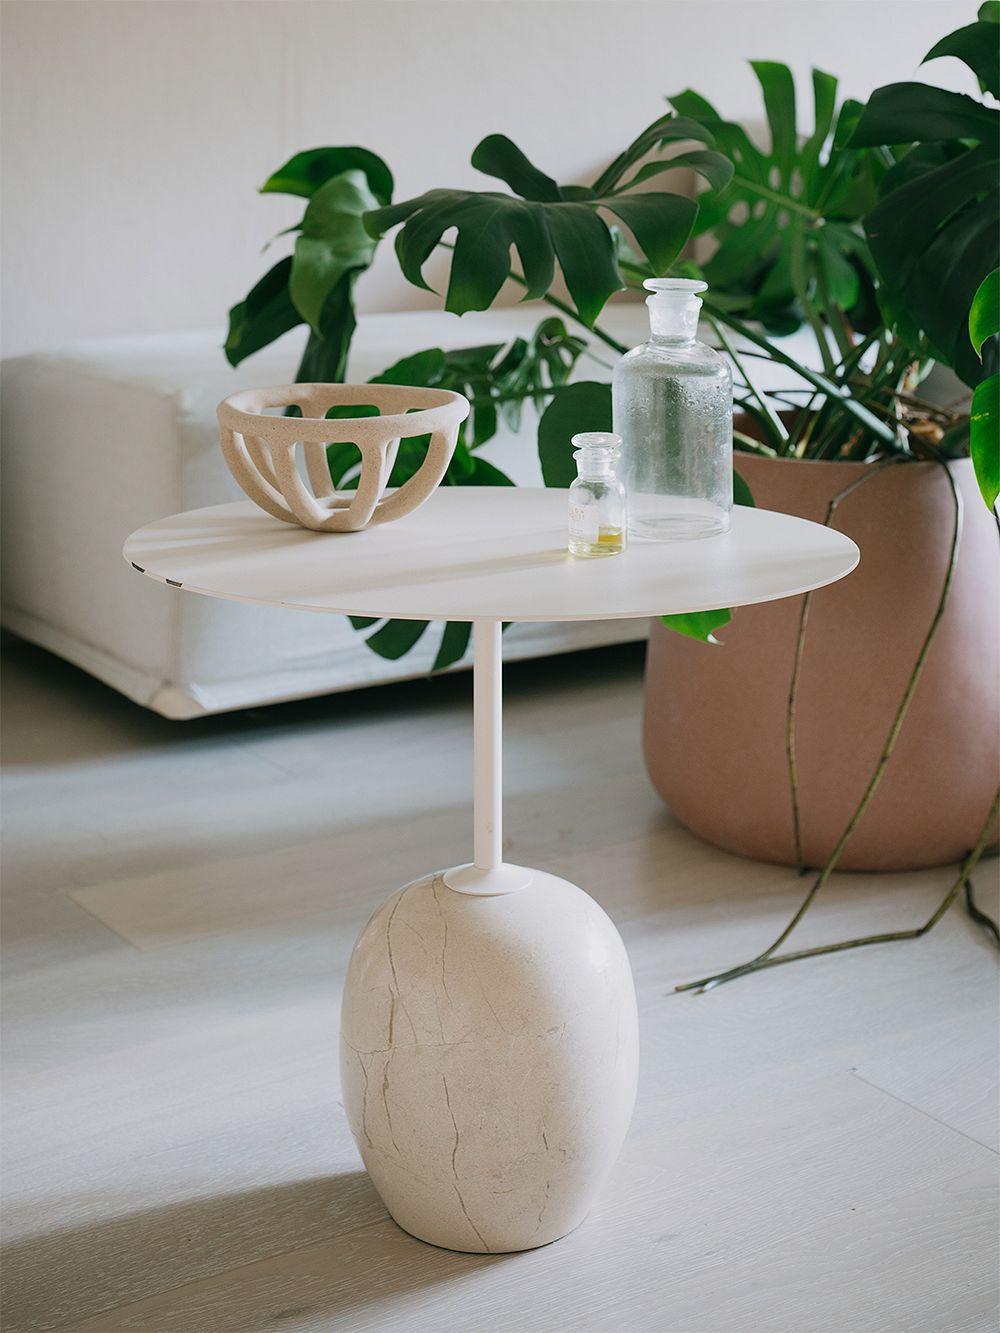 &Tradition Lato LN9 coffee table, white - Cream Diva marble